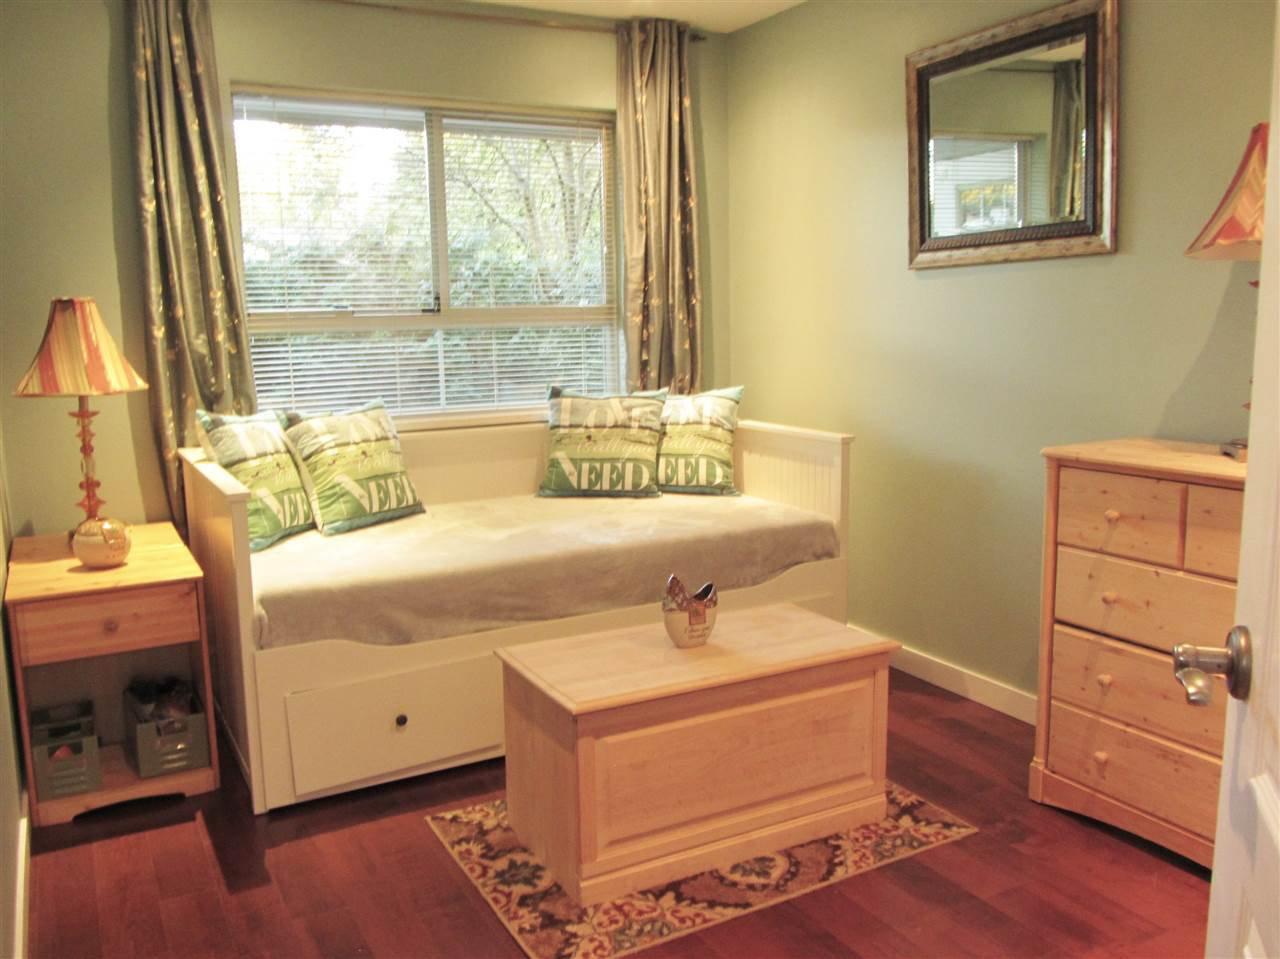 Photo 12: Photos: 114 15110 108 Avenue in Surrey: Bolivar Heights Condo for sale (North Surrey)  : MLS®# R2239803